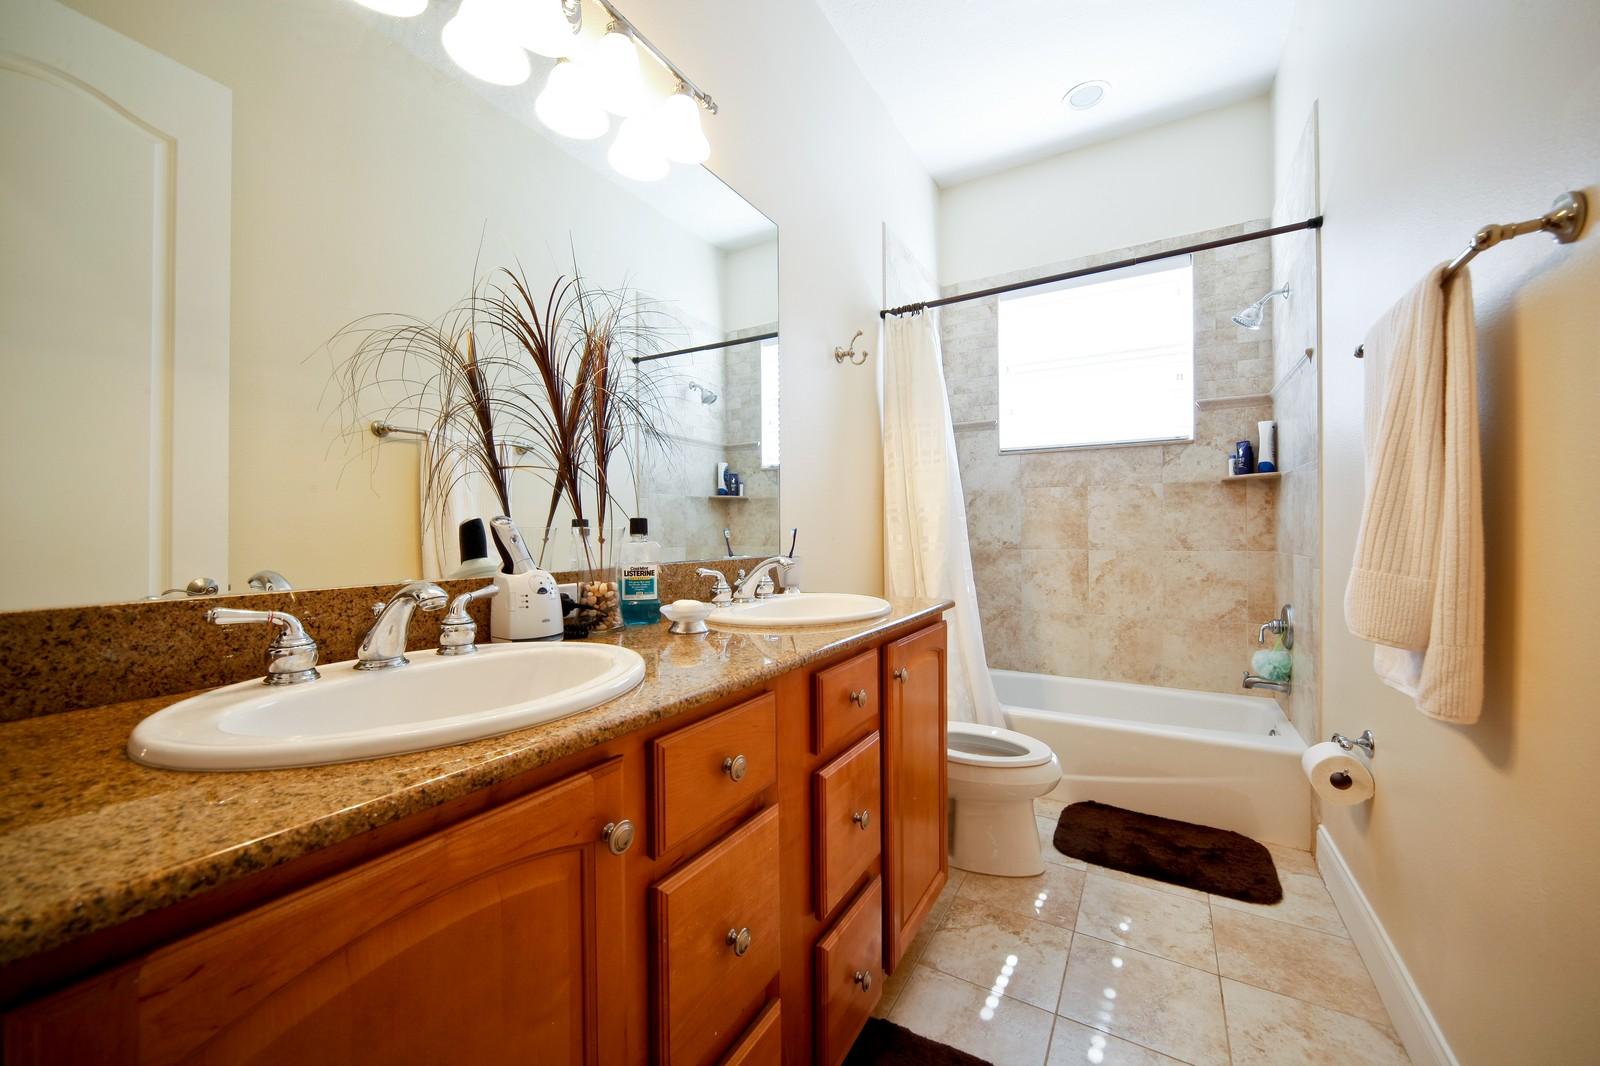 Real Estate Photography - 3812 El Prado Blvd, Tampa, FL, 33629 - 2nd Bathroom